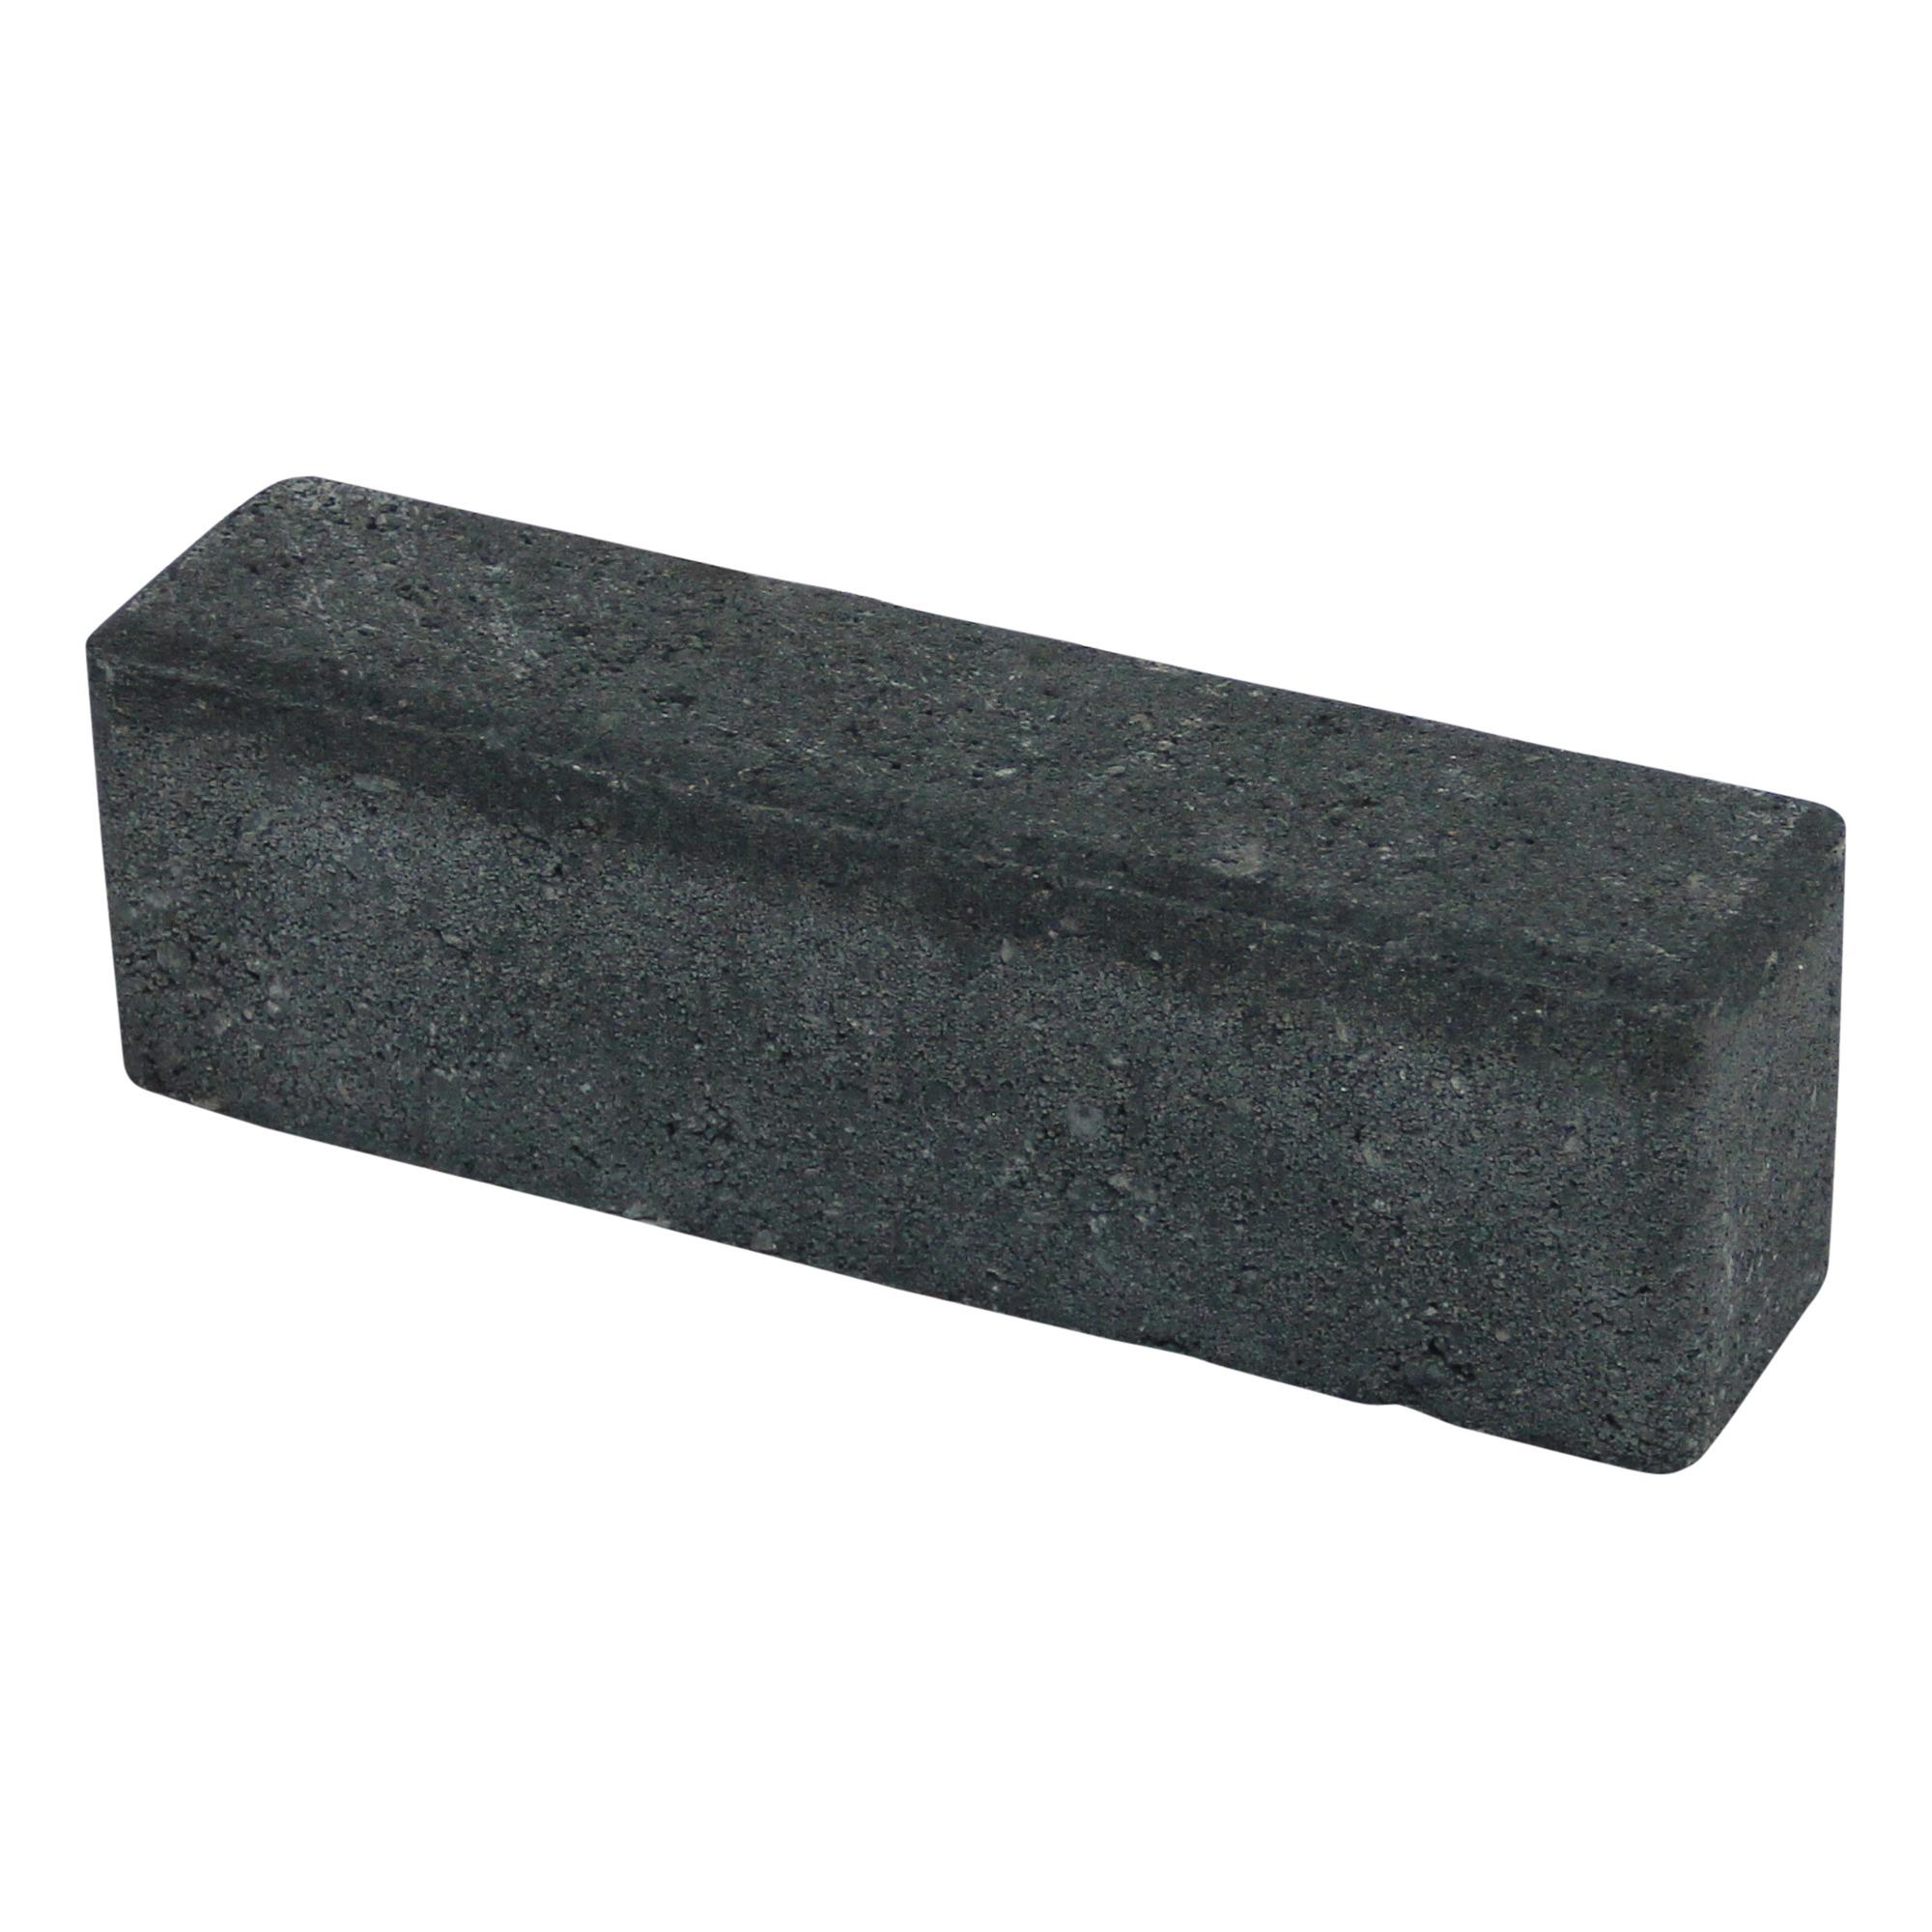 Klinker Beton Antraciet Waalformaat 20x5x6 cm - 72 Klinkers - 0,72 m2